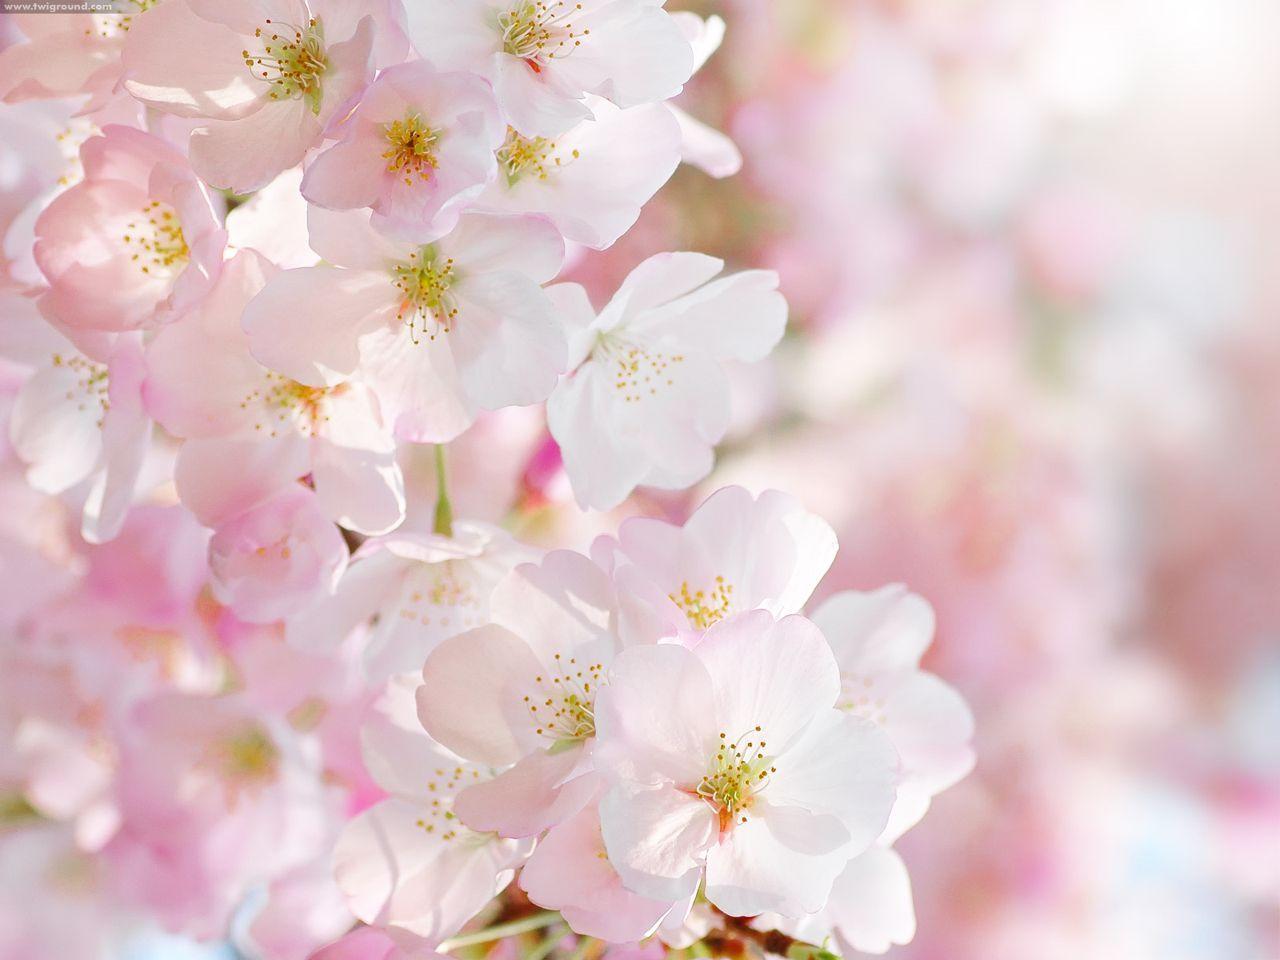 Những hình ảnh hoa anh đào làm hình nền đẹp lộng lẫy - Blog hoa đẹp